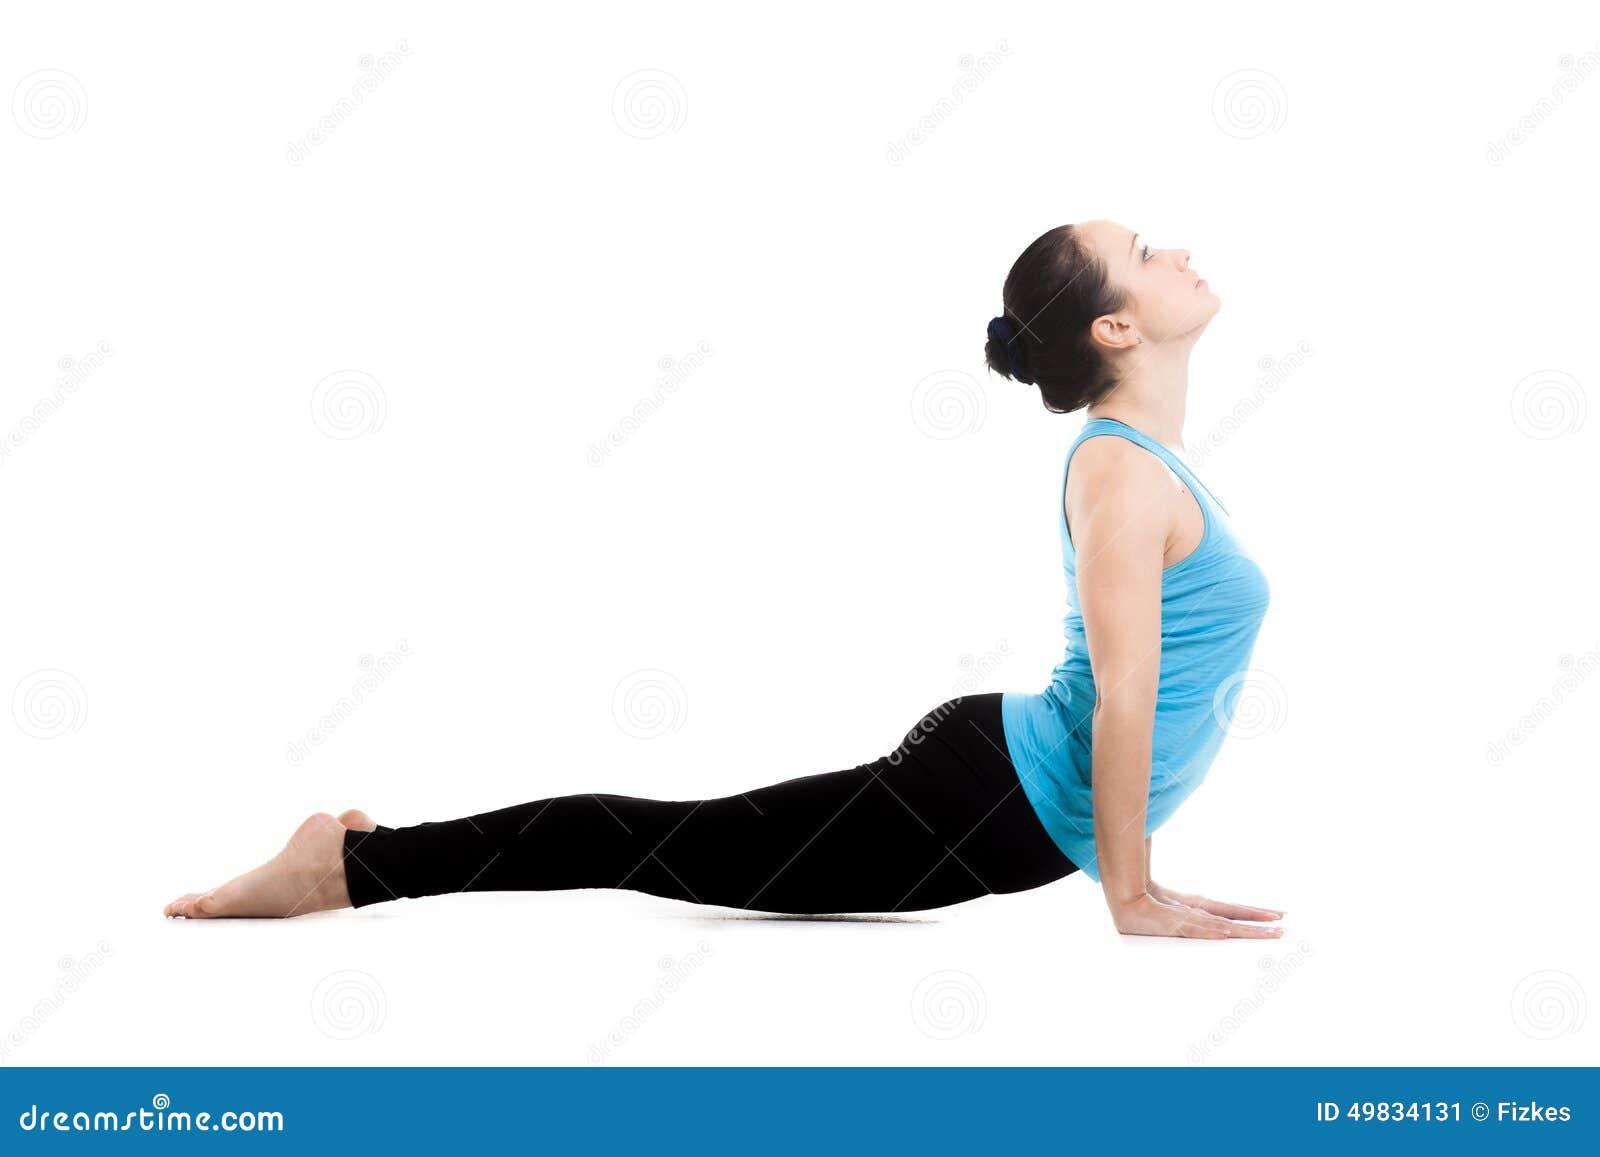 瑜伽姿势urdhva mukha shvanasana的信奉瑜伽者女性图片